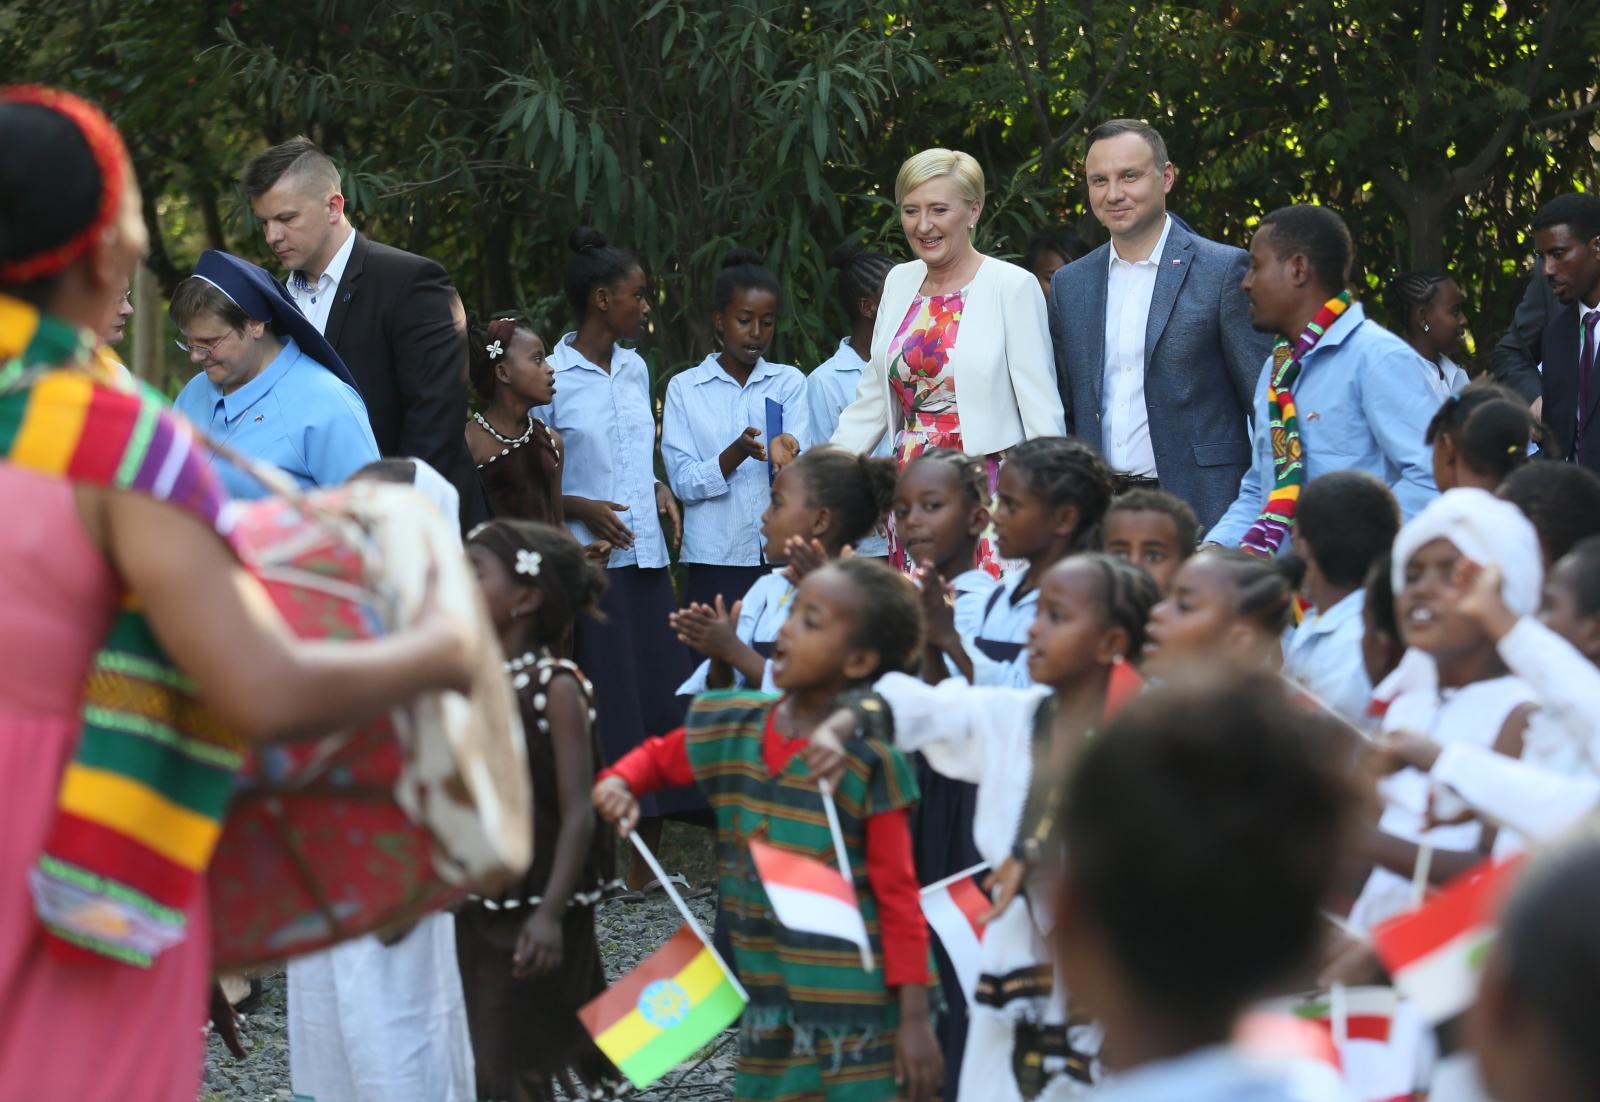 Prezydent Andrzej Duda z małżonką Agatą Kornhauser-Dudą rozpoczęli wizytę w Etiopii.